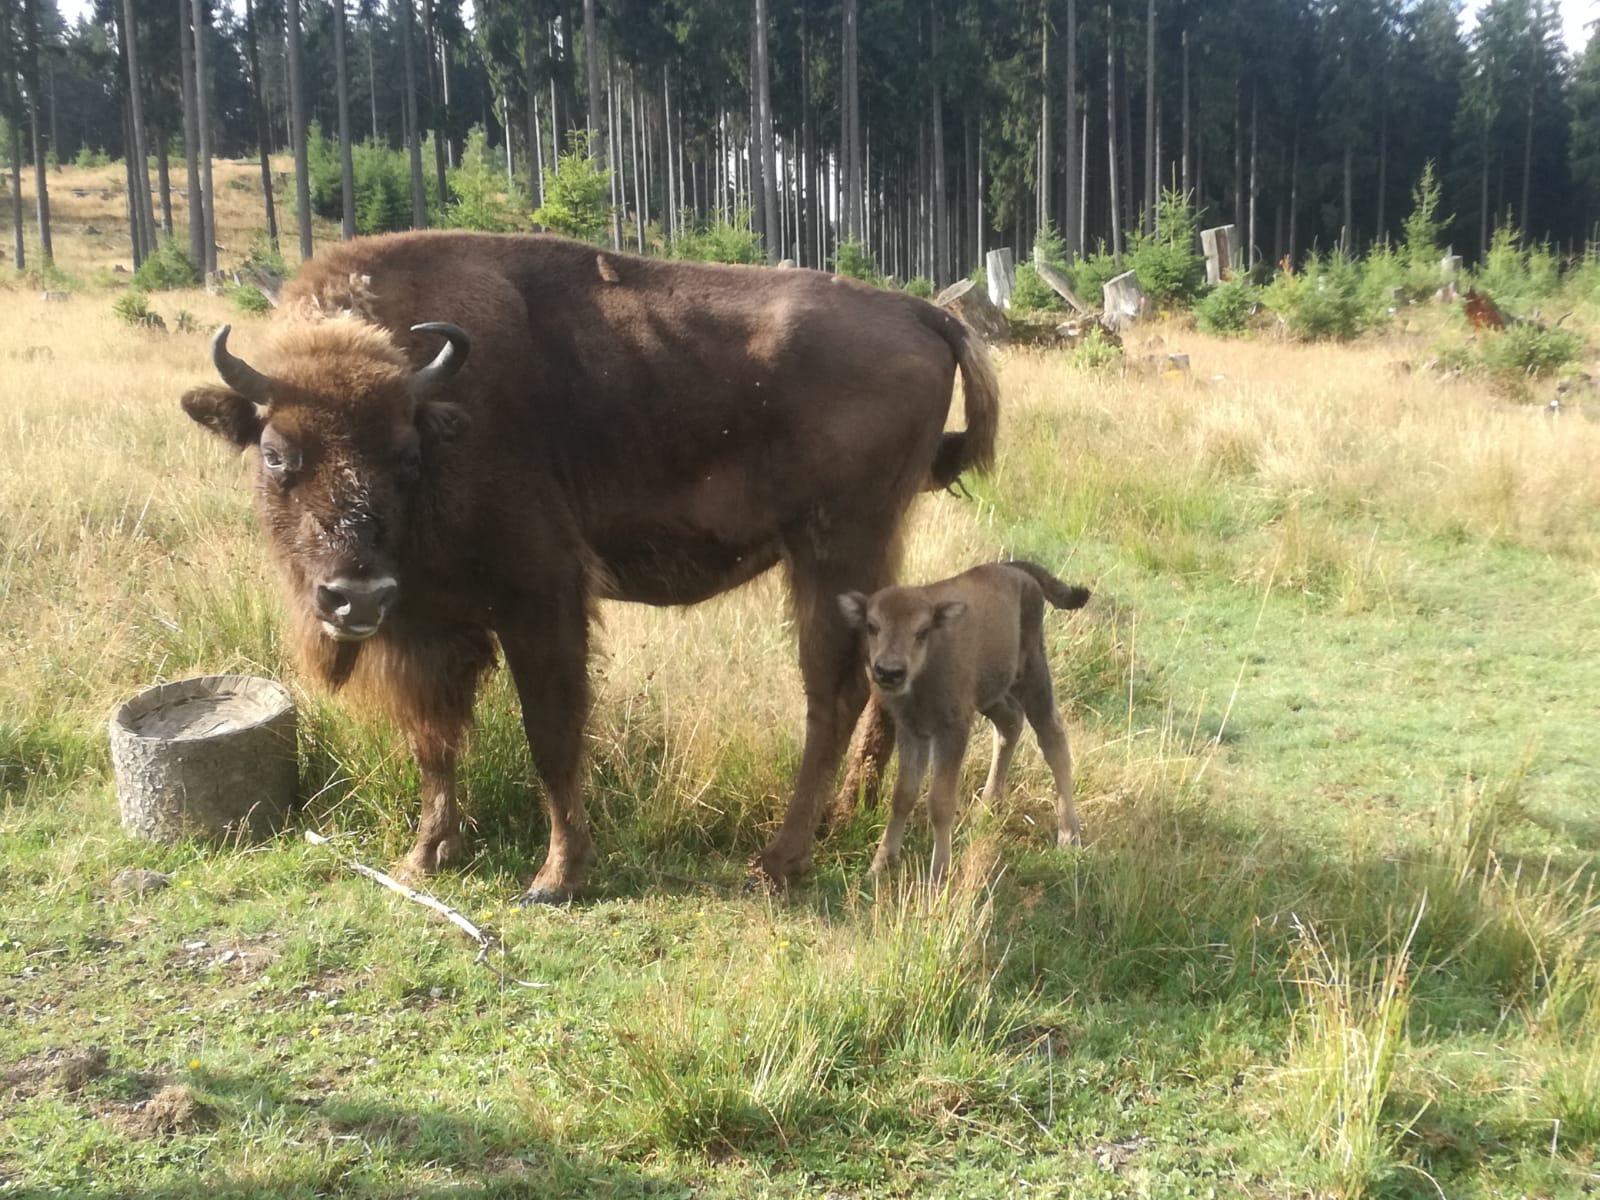 Wisent-Kälbchen Quembe mit Mama Donamia in der Wisent-Wildnis am Rothaarsteig